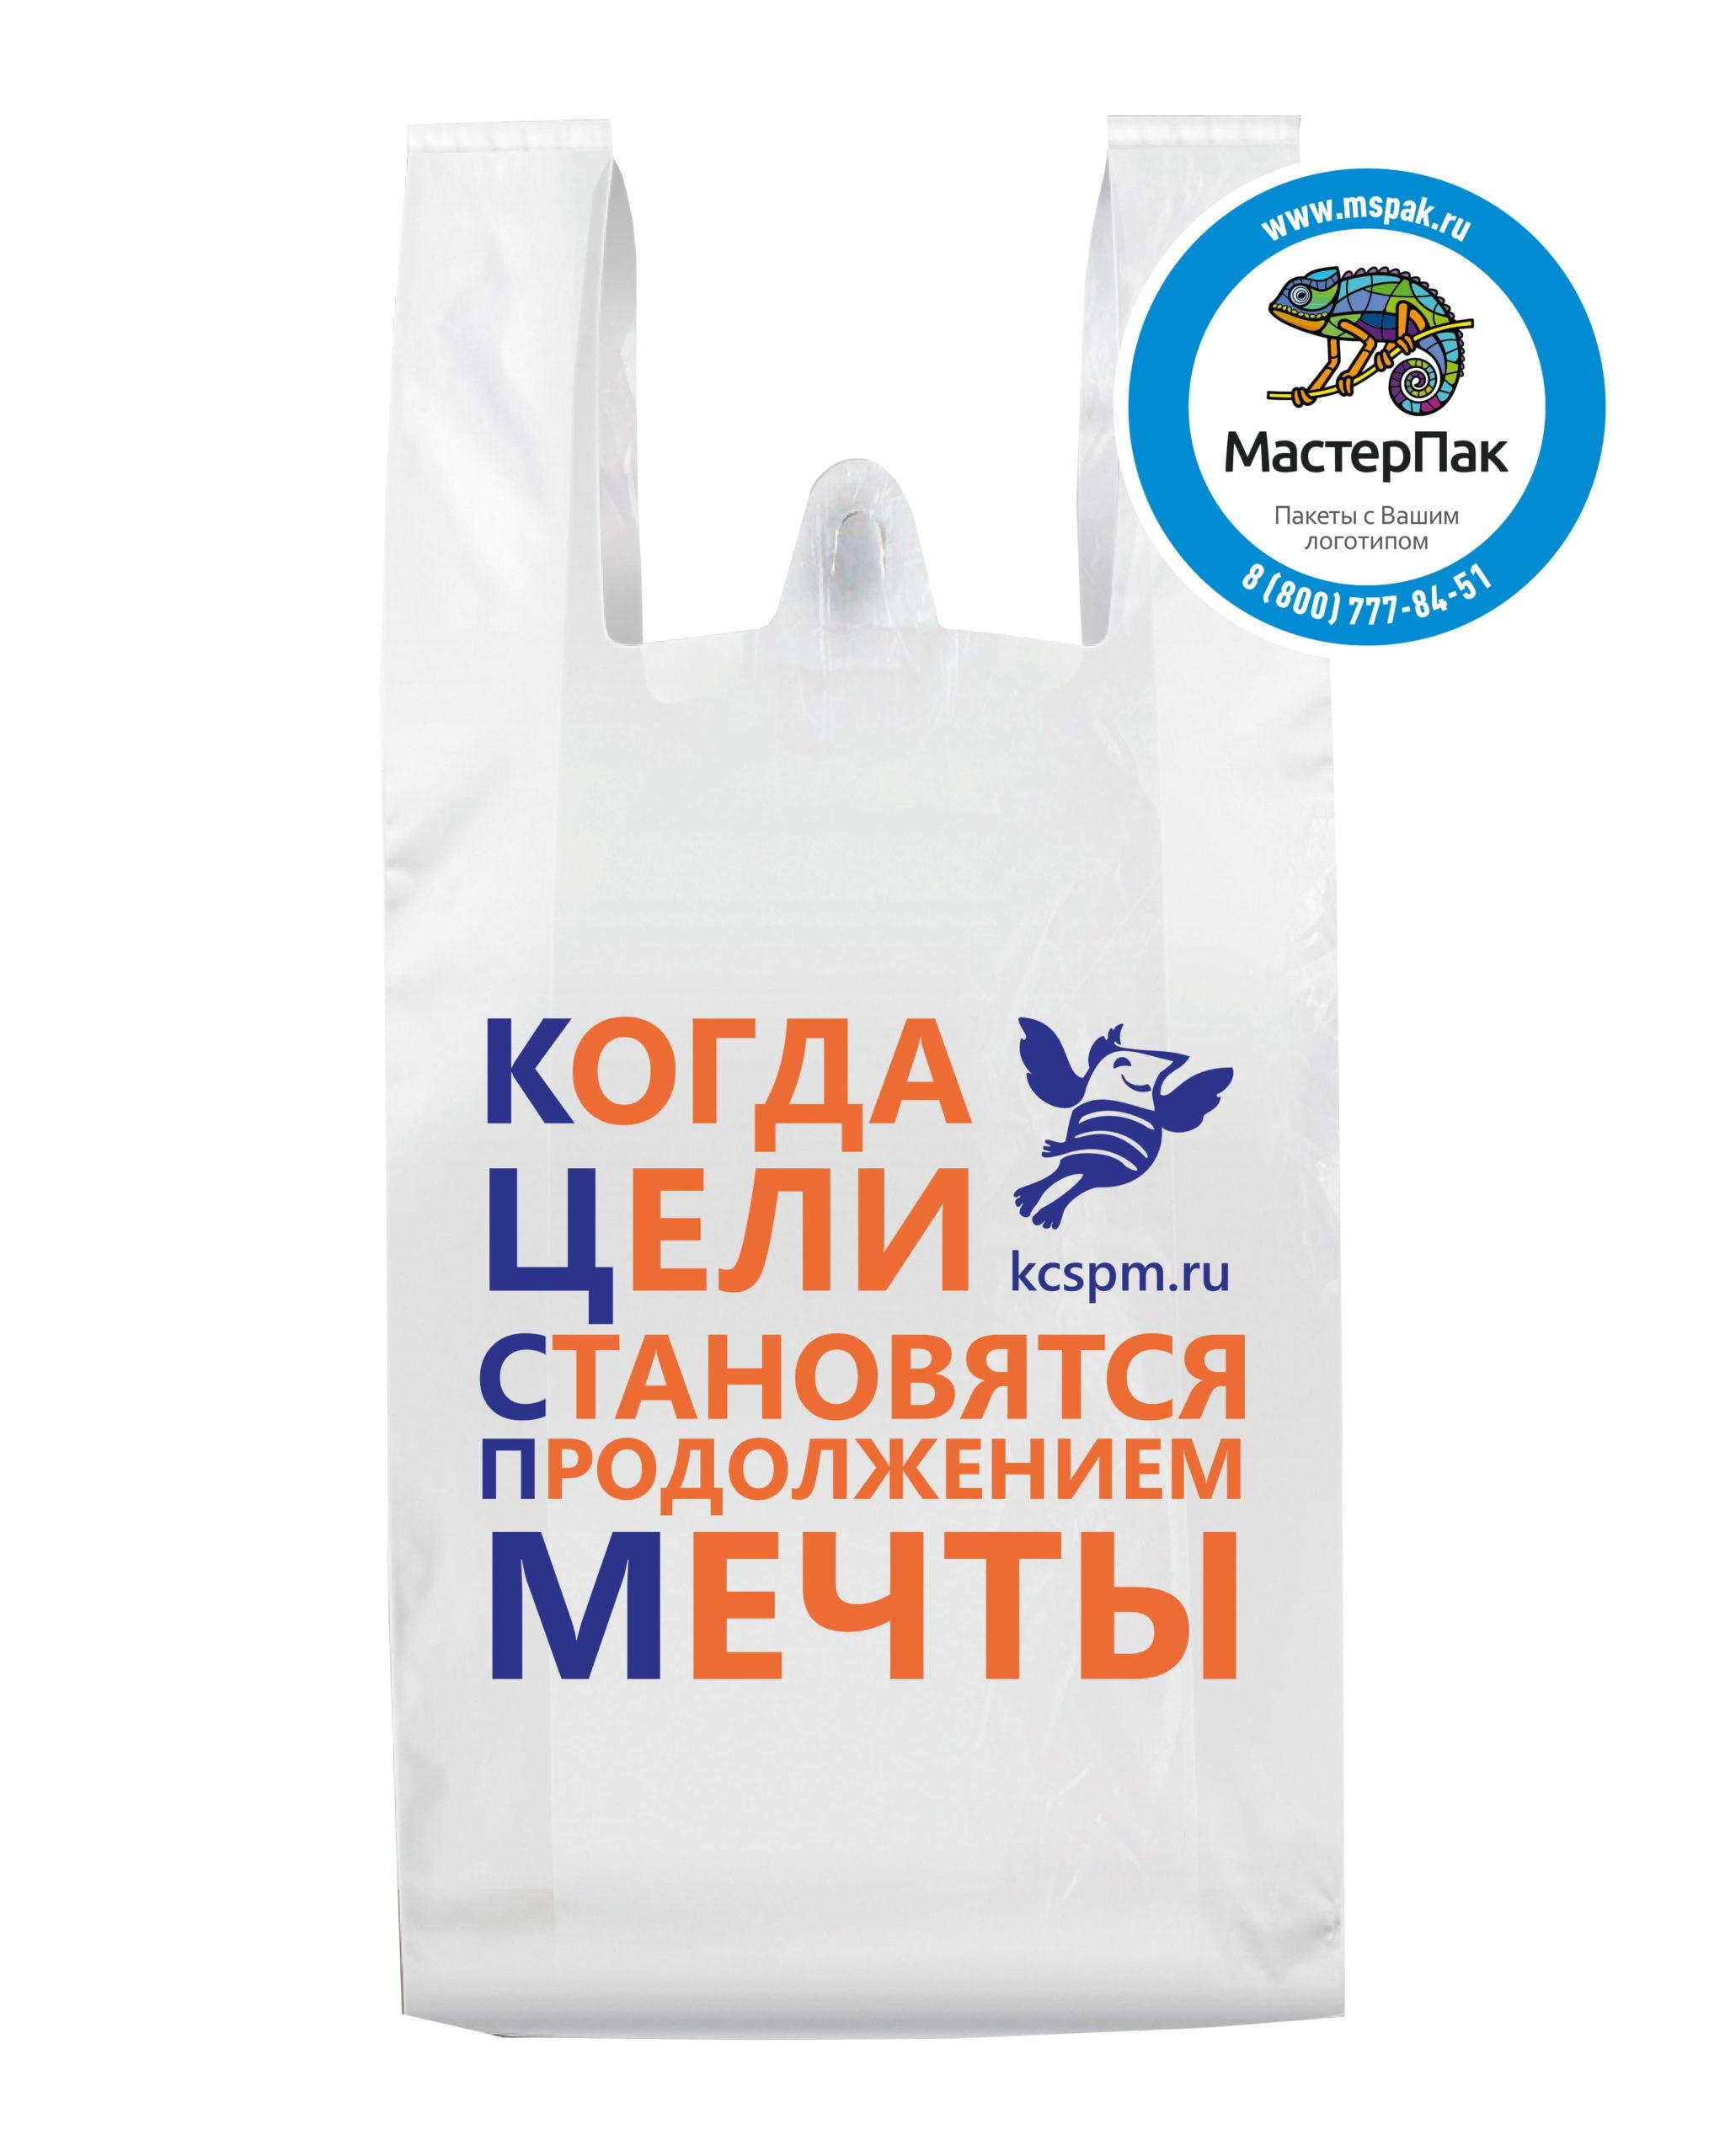 Пакет ПВД с логотипом учебного центра Детский Наукоград, Москва